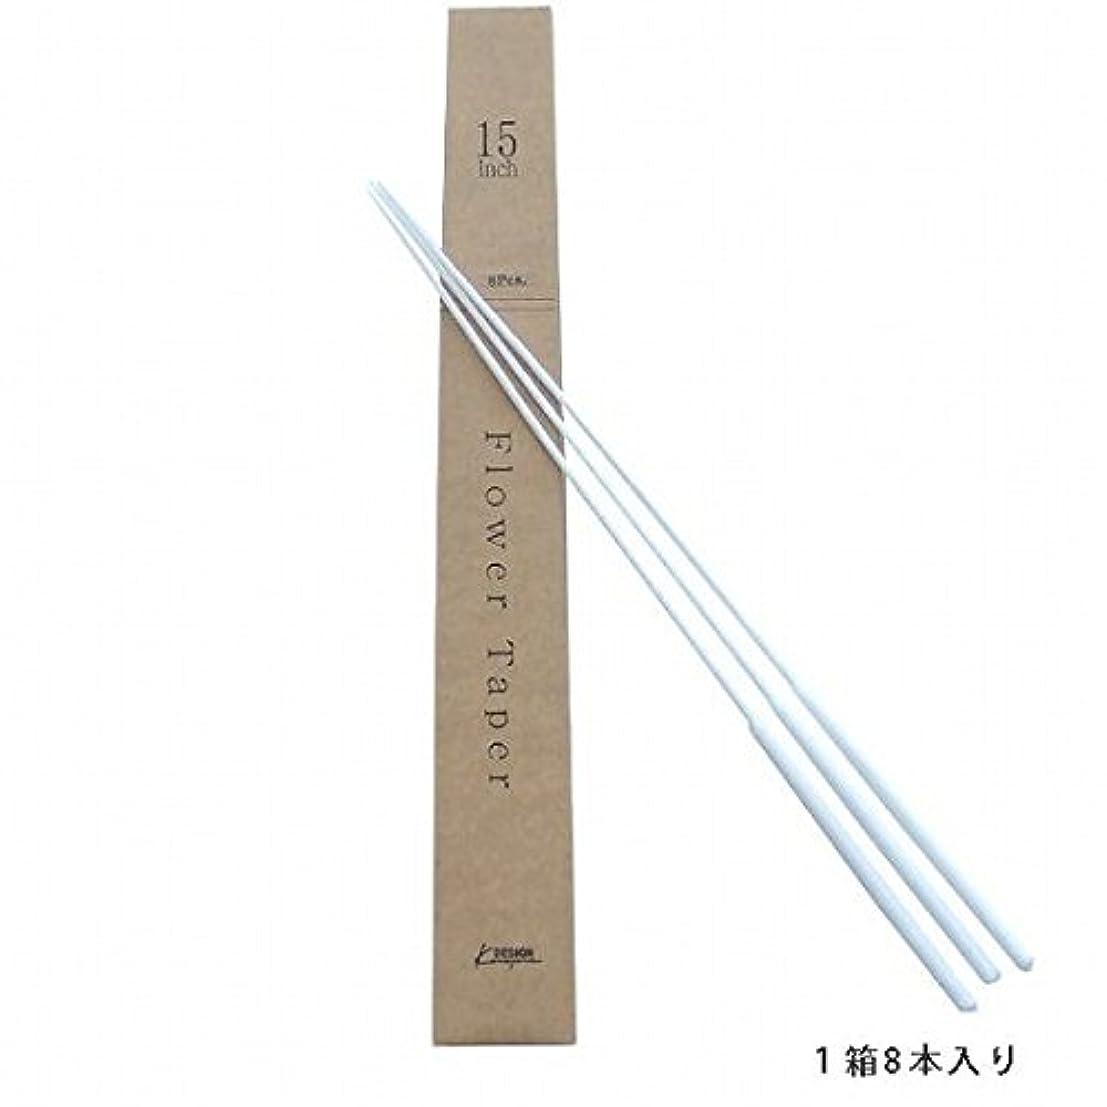 チーズ一時解雇する才能のあるkameyama candle(カメヤマキャンドル) 15インチトーチ用フラワーテーパー 8本入 「 ホワイト 」(71839998W)